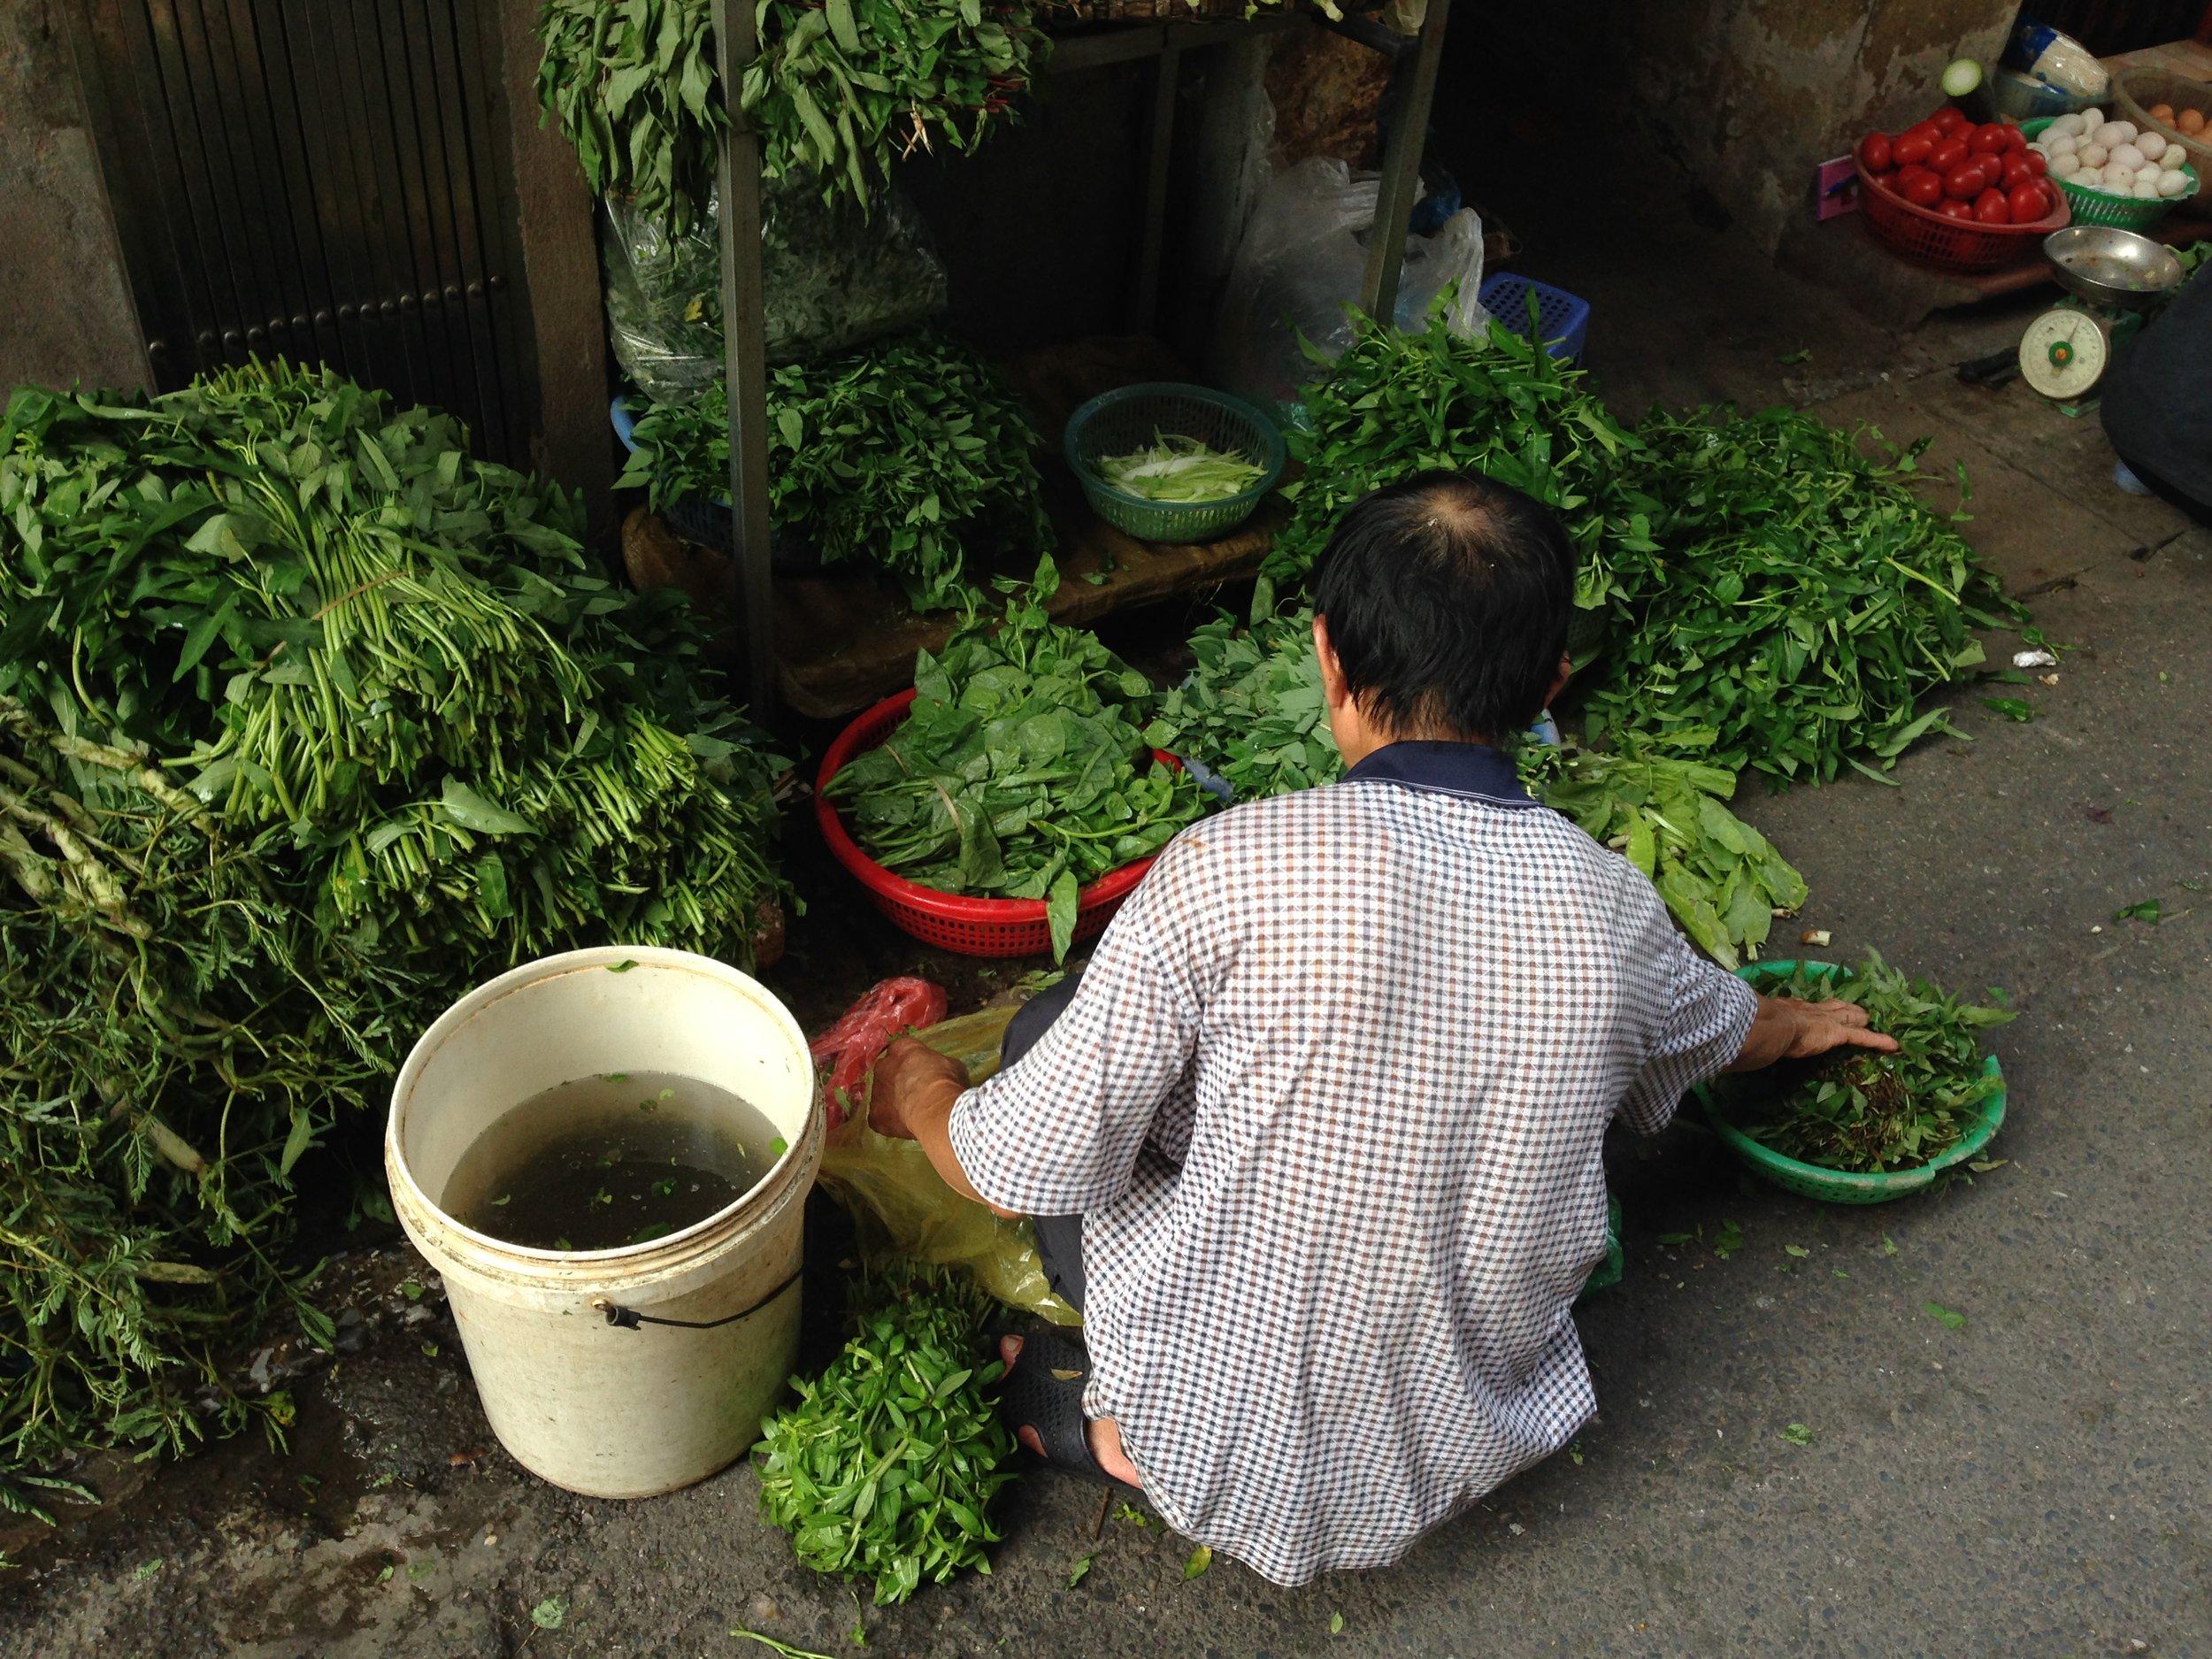 越南河内,一名男子在街上剥蔬菜beplay3体育官方下载